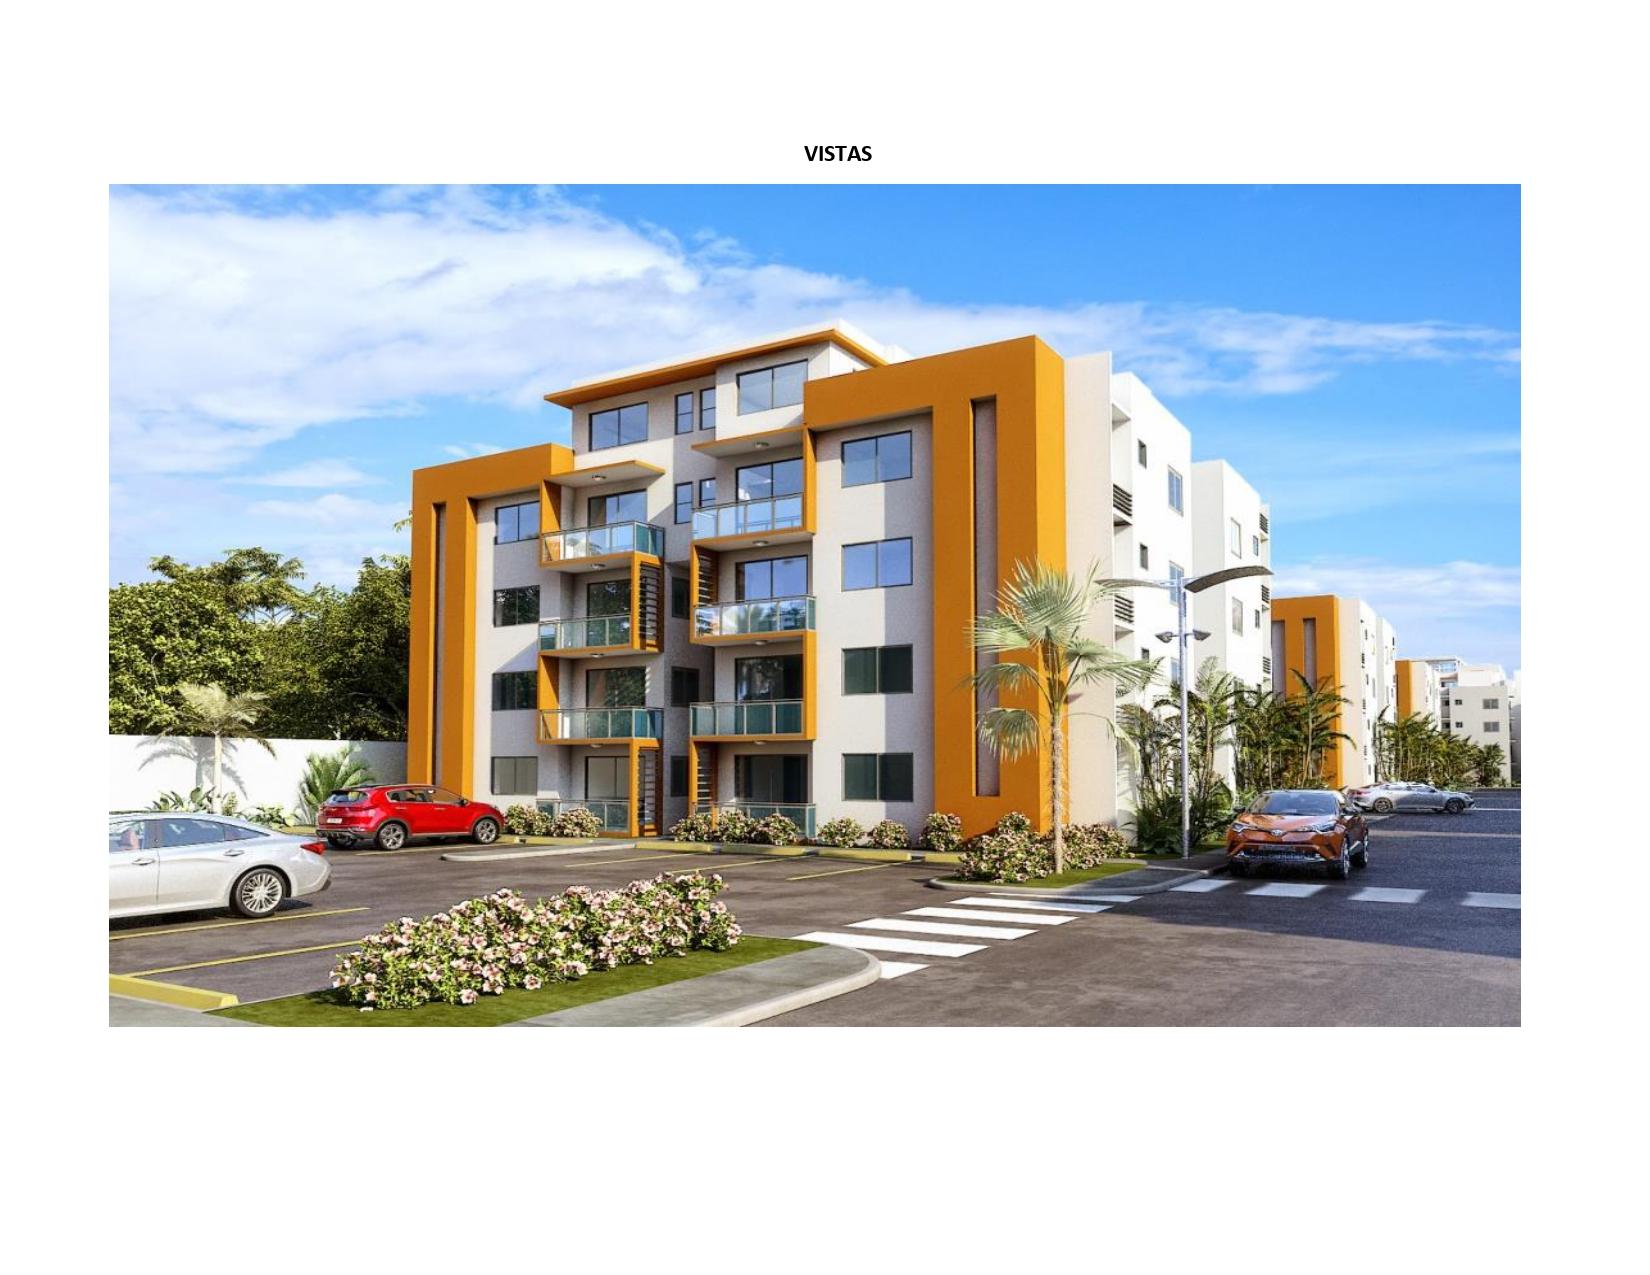 Proyecto de apartamento con Fideicomiso en la Jacobo Majluta.